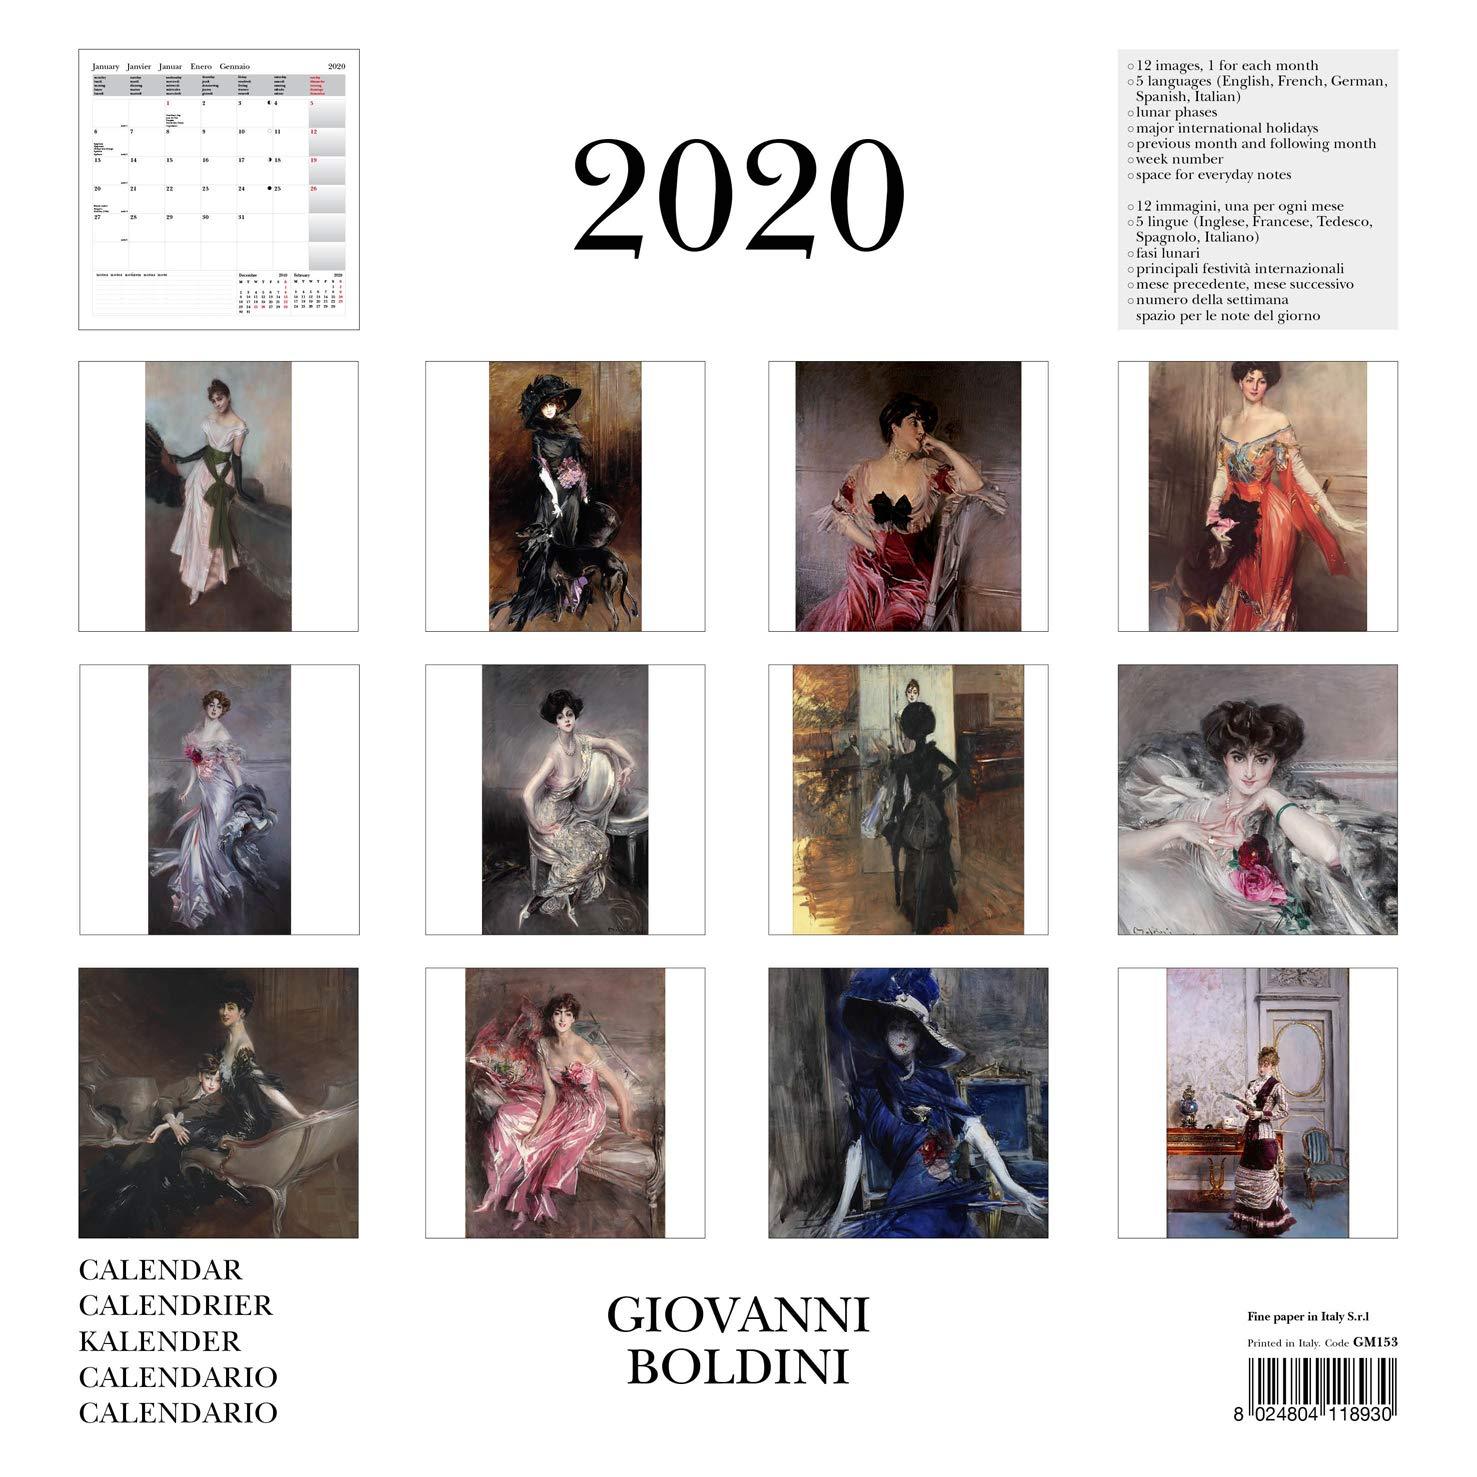 CALENDARIO DA PARETE 2020 BOLDINI GIOVANNI 30X30 CM GM153